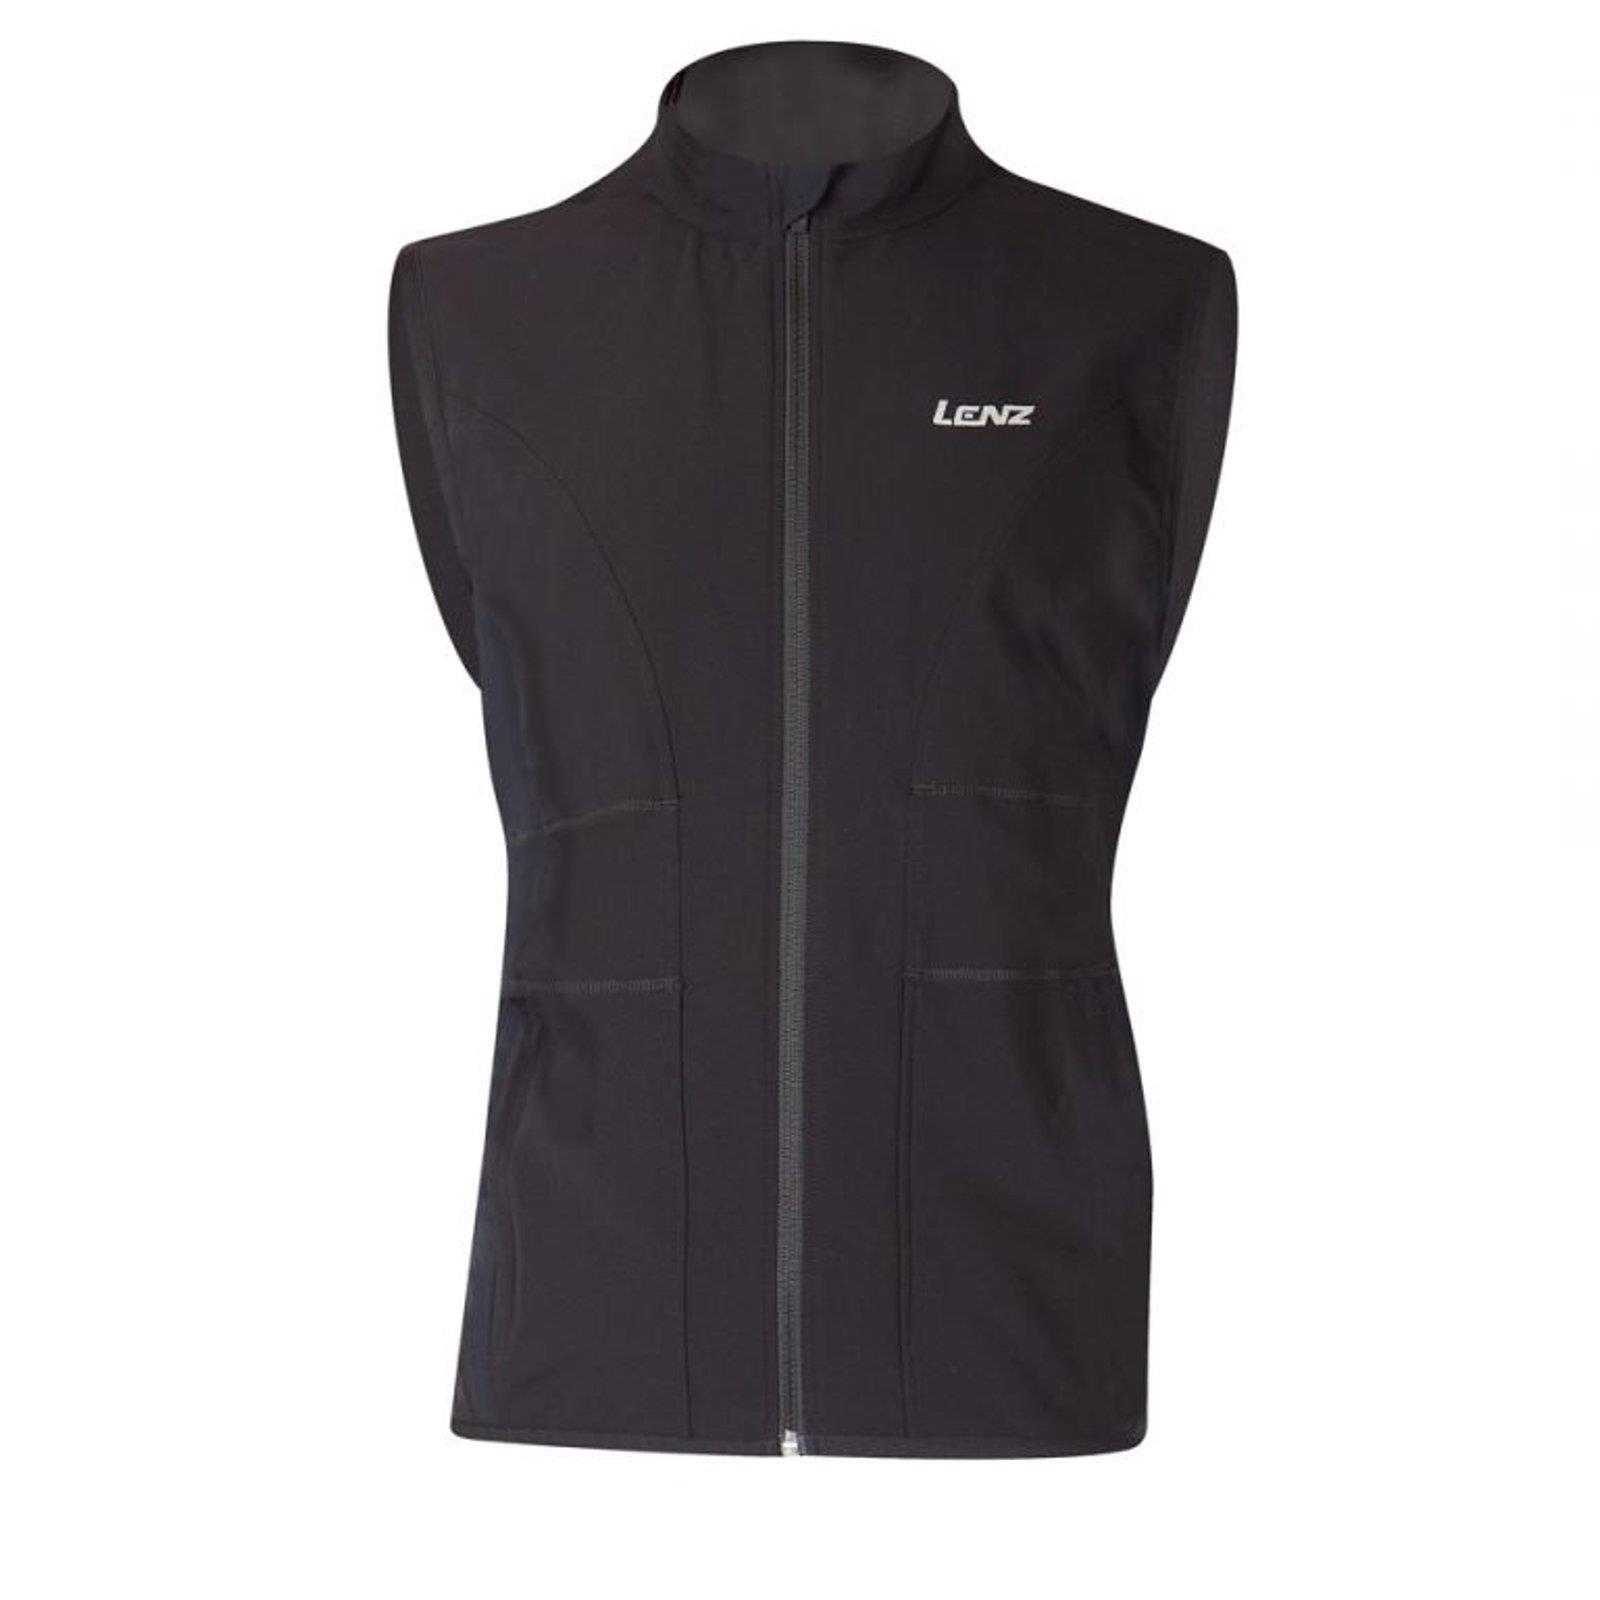 Lenz daSie Heizung Vest Heat Vest 1.0 Frauen Heated Gilet Warme Winter Vest 1800